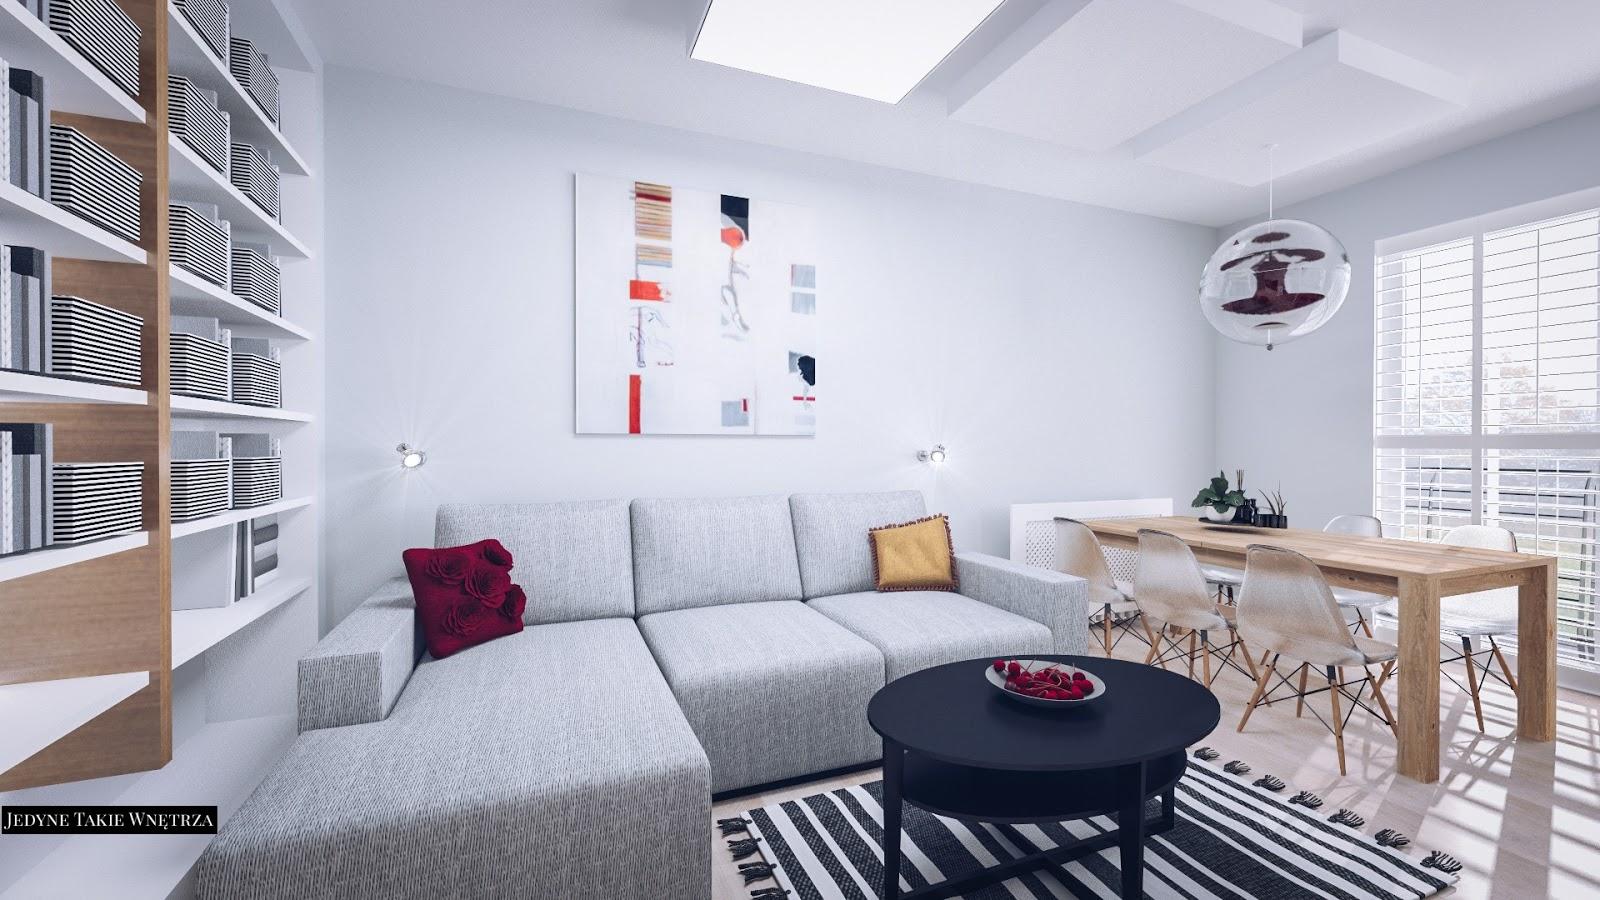 ...ciepło-zimne...aranżacja mieszkania w stylu skandynawskim